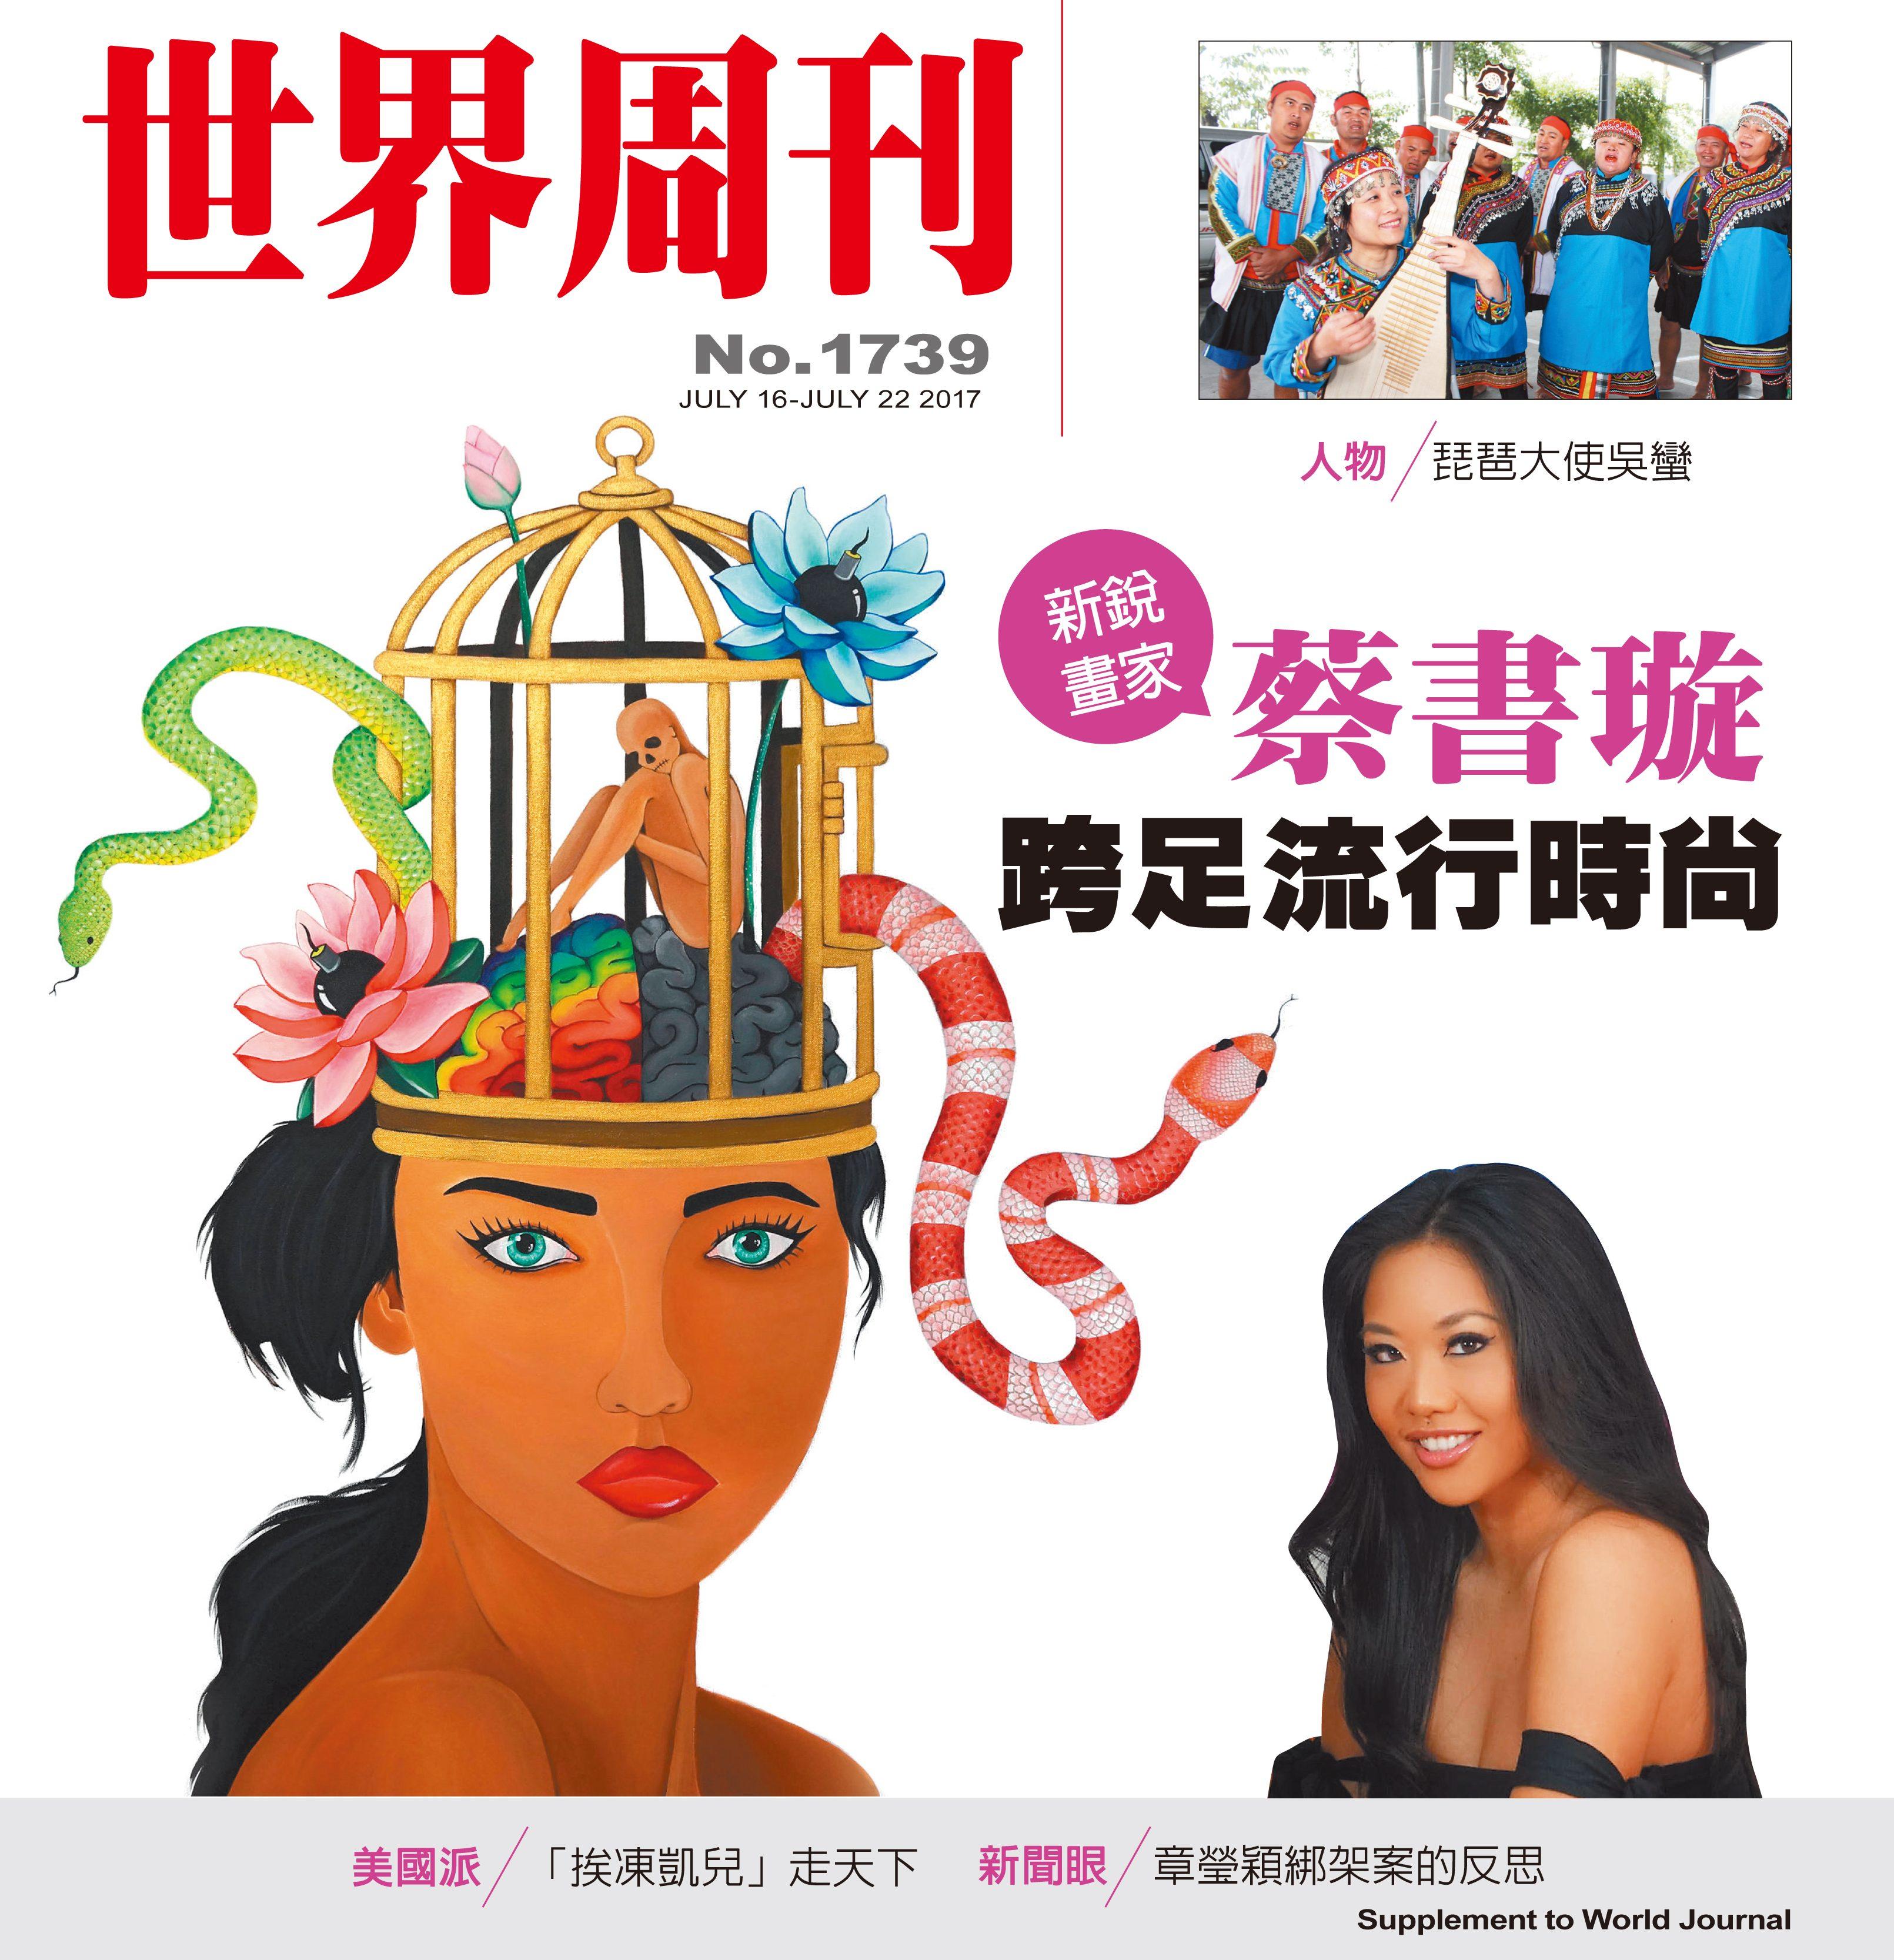 16日(周日)出刊的世界周刊「封面故事─新銳畫家蔡書璇」。